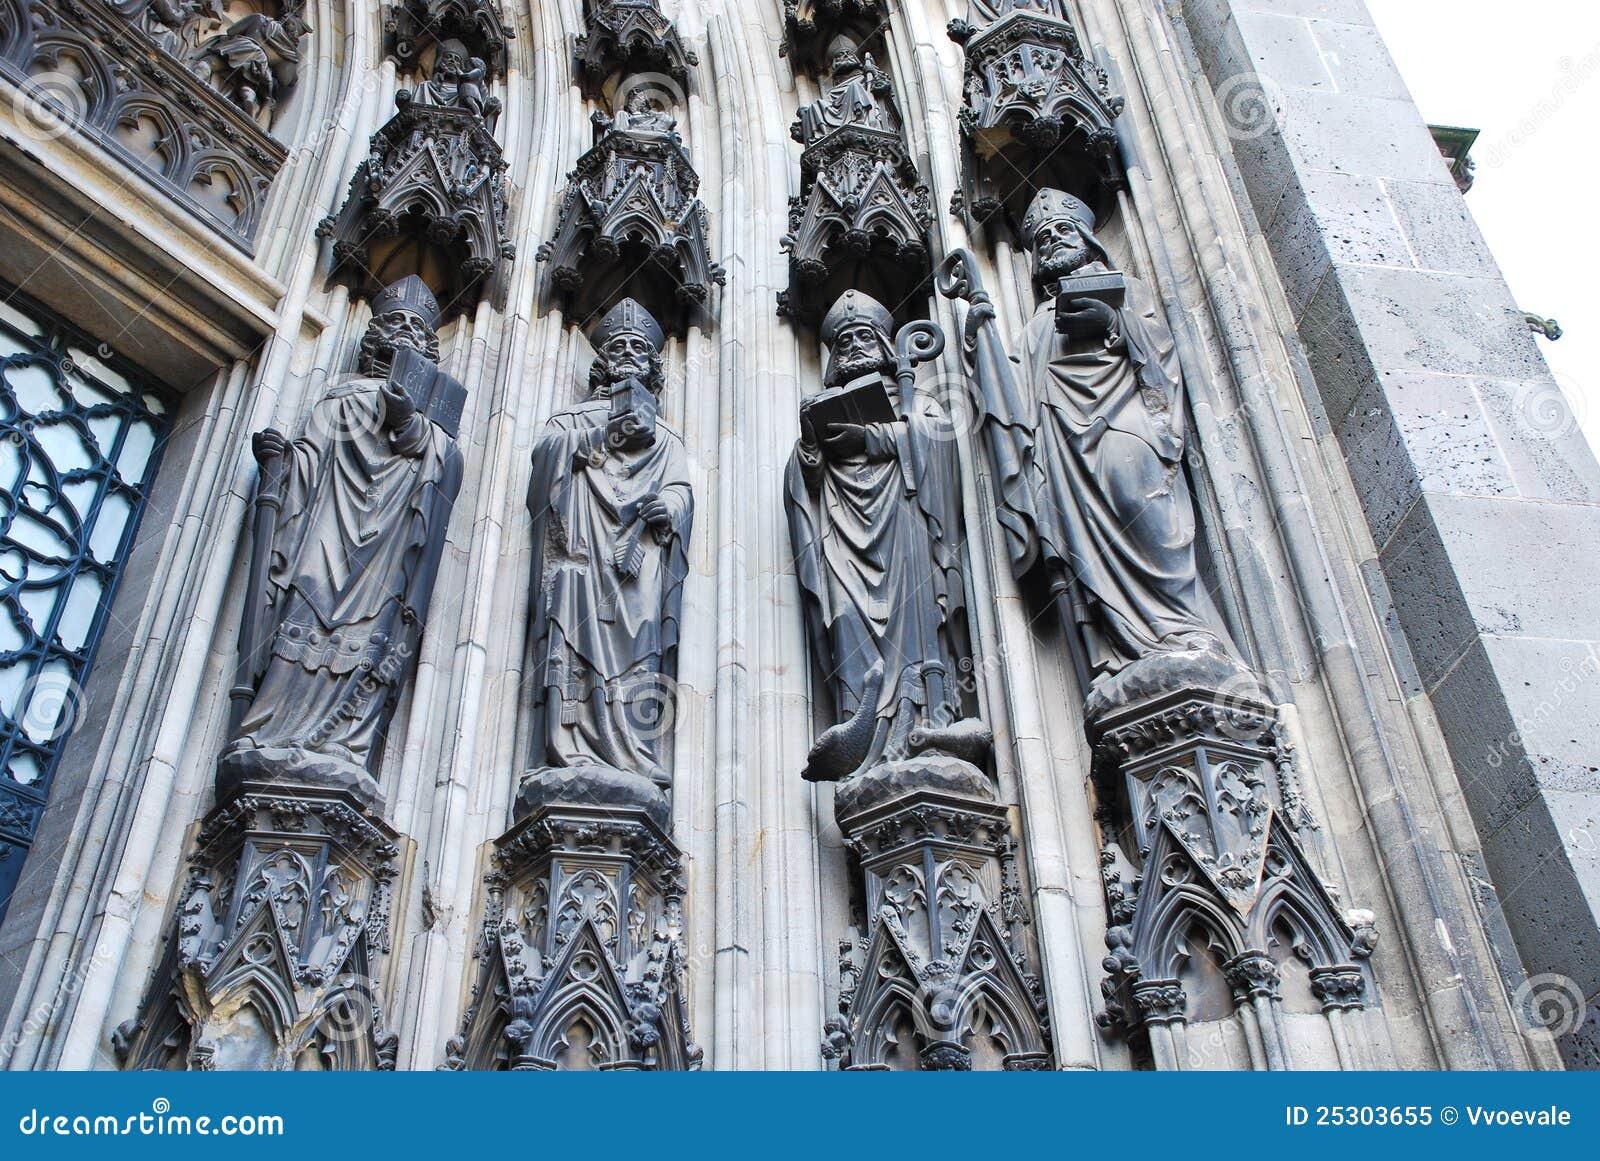 Katedralna cologne bramy rzeźba